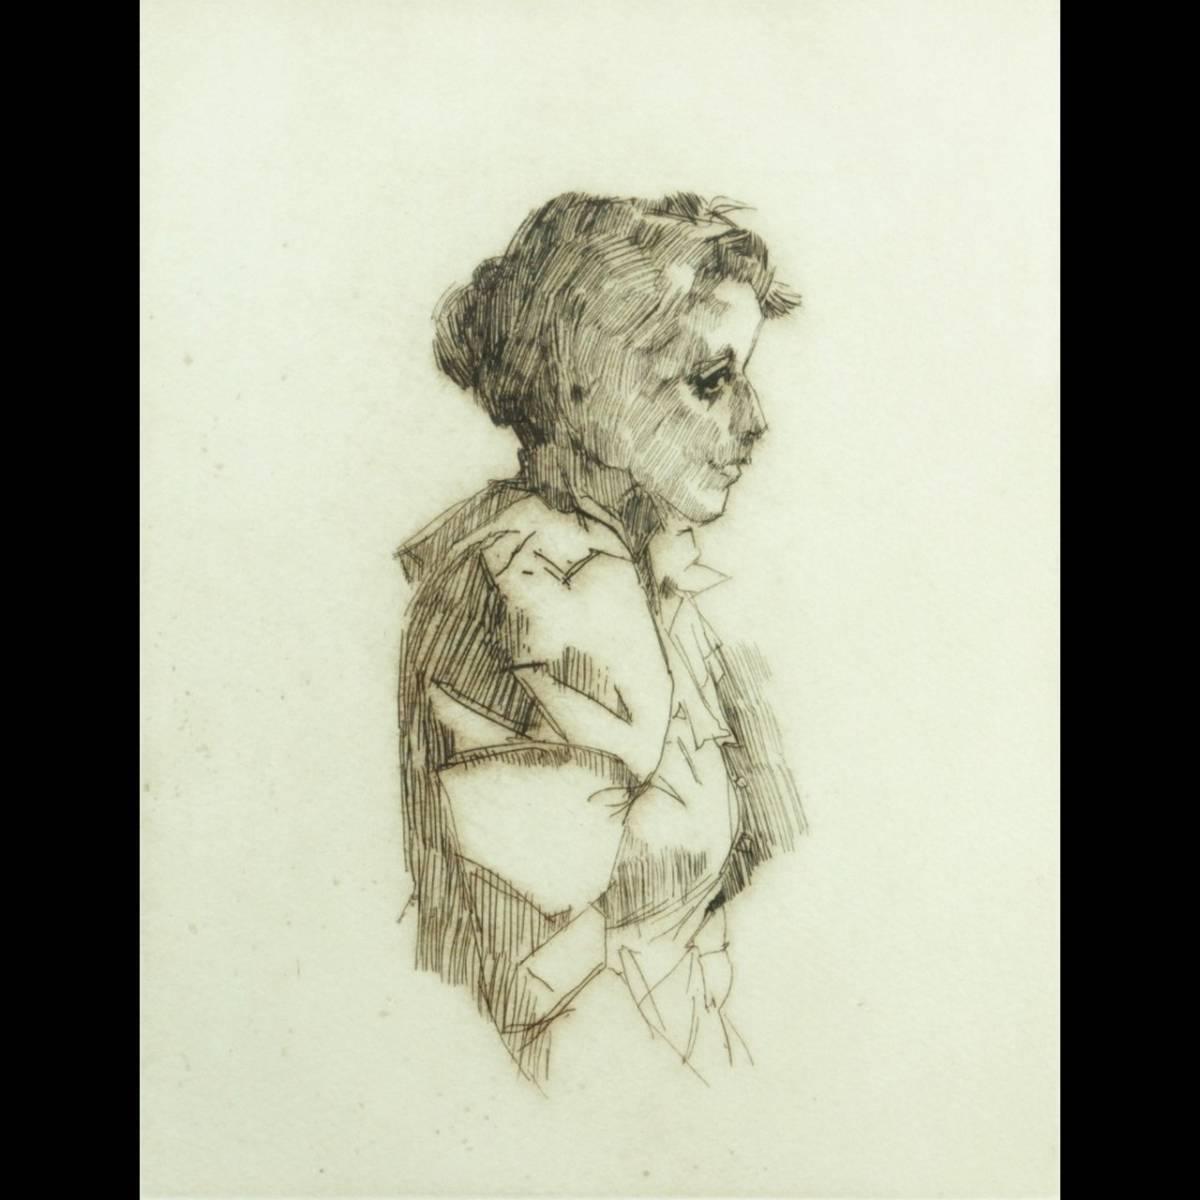 ◆櫟◆ 真作保証 小磯良平 「婦人」 銅版画 111/120 直筆サイン T[E23]PV/10KB